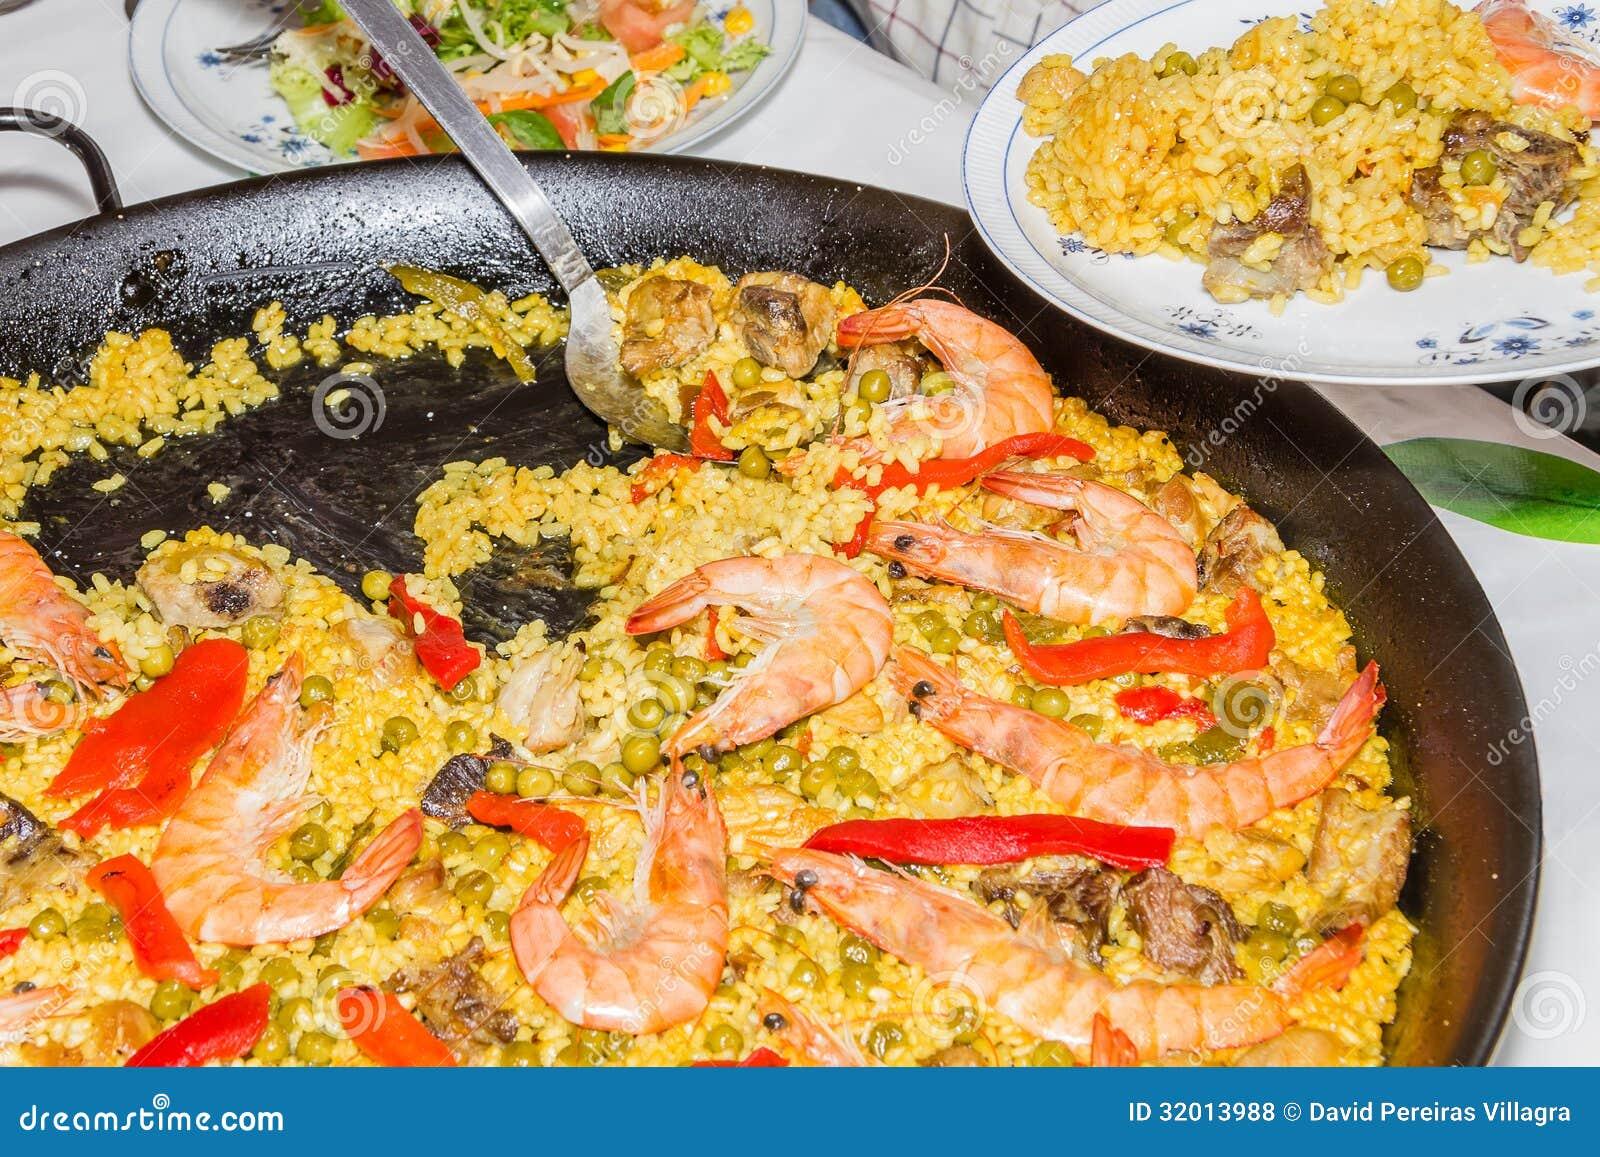 paella espagnole traditionnelle cuite dans une casserole photos libres de droits image 32013988. Black Bedroom Furniture Sets. Home Design Ideas